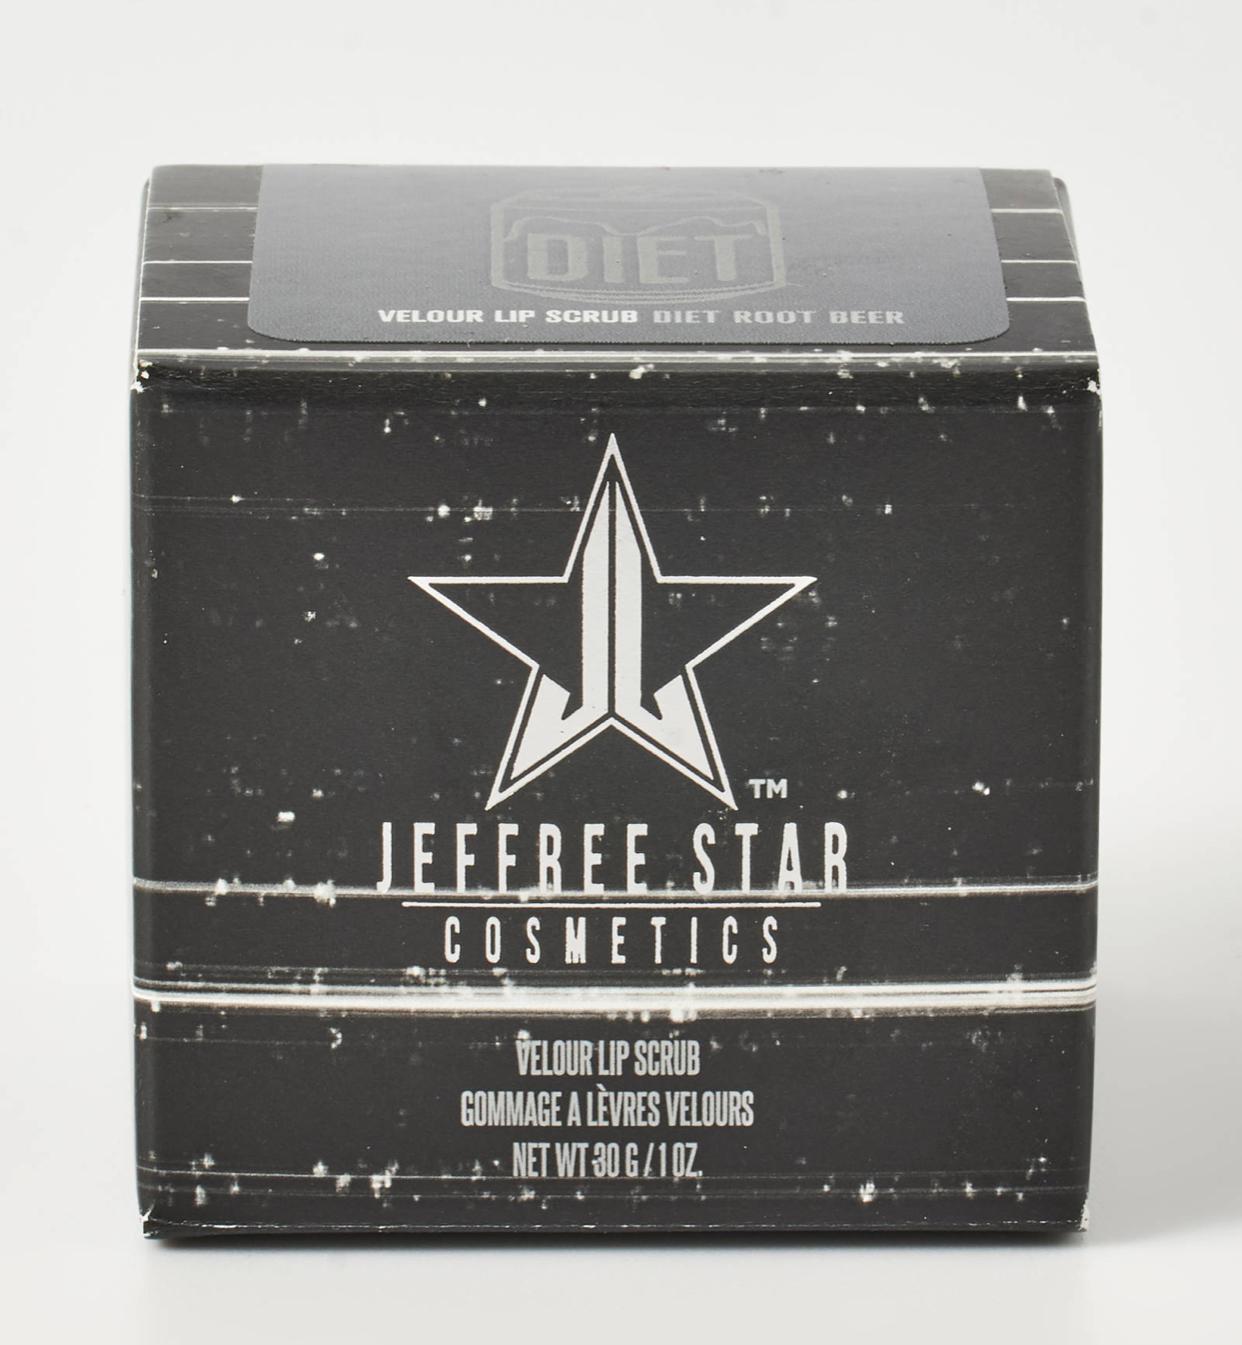 Jeffree Star x Shane Dawson Diet Root Beer Velour Lip Scrub